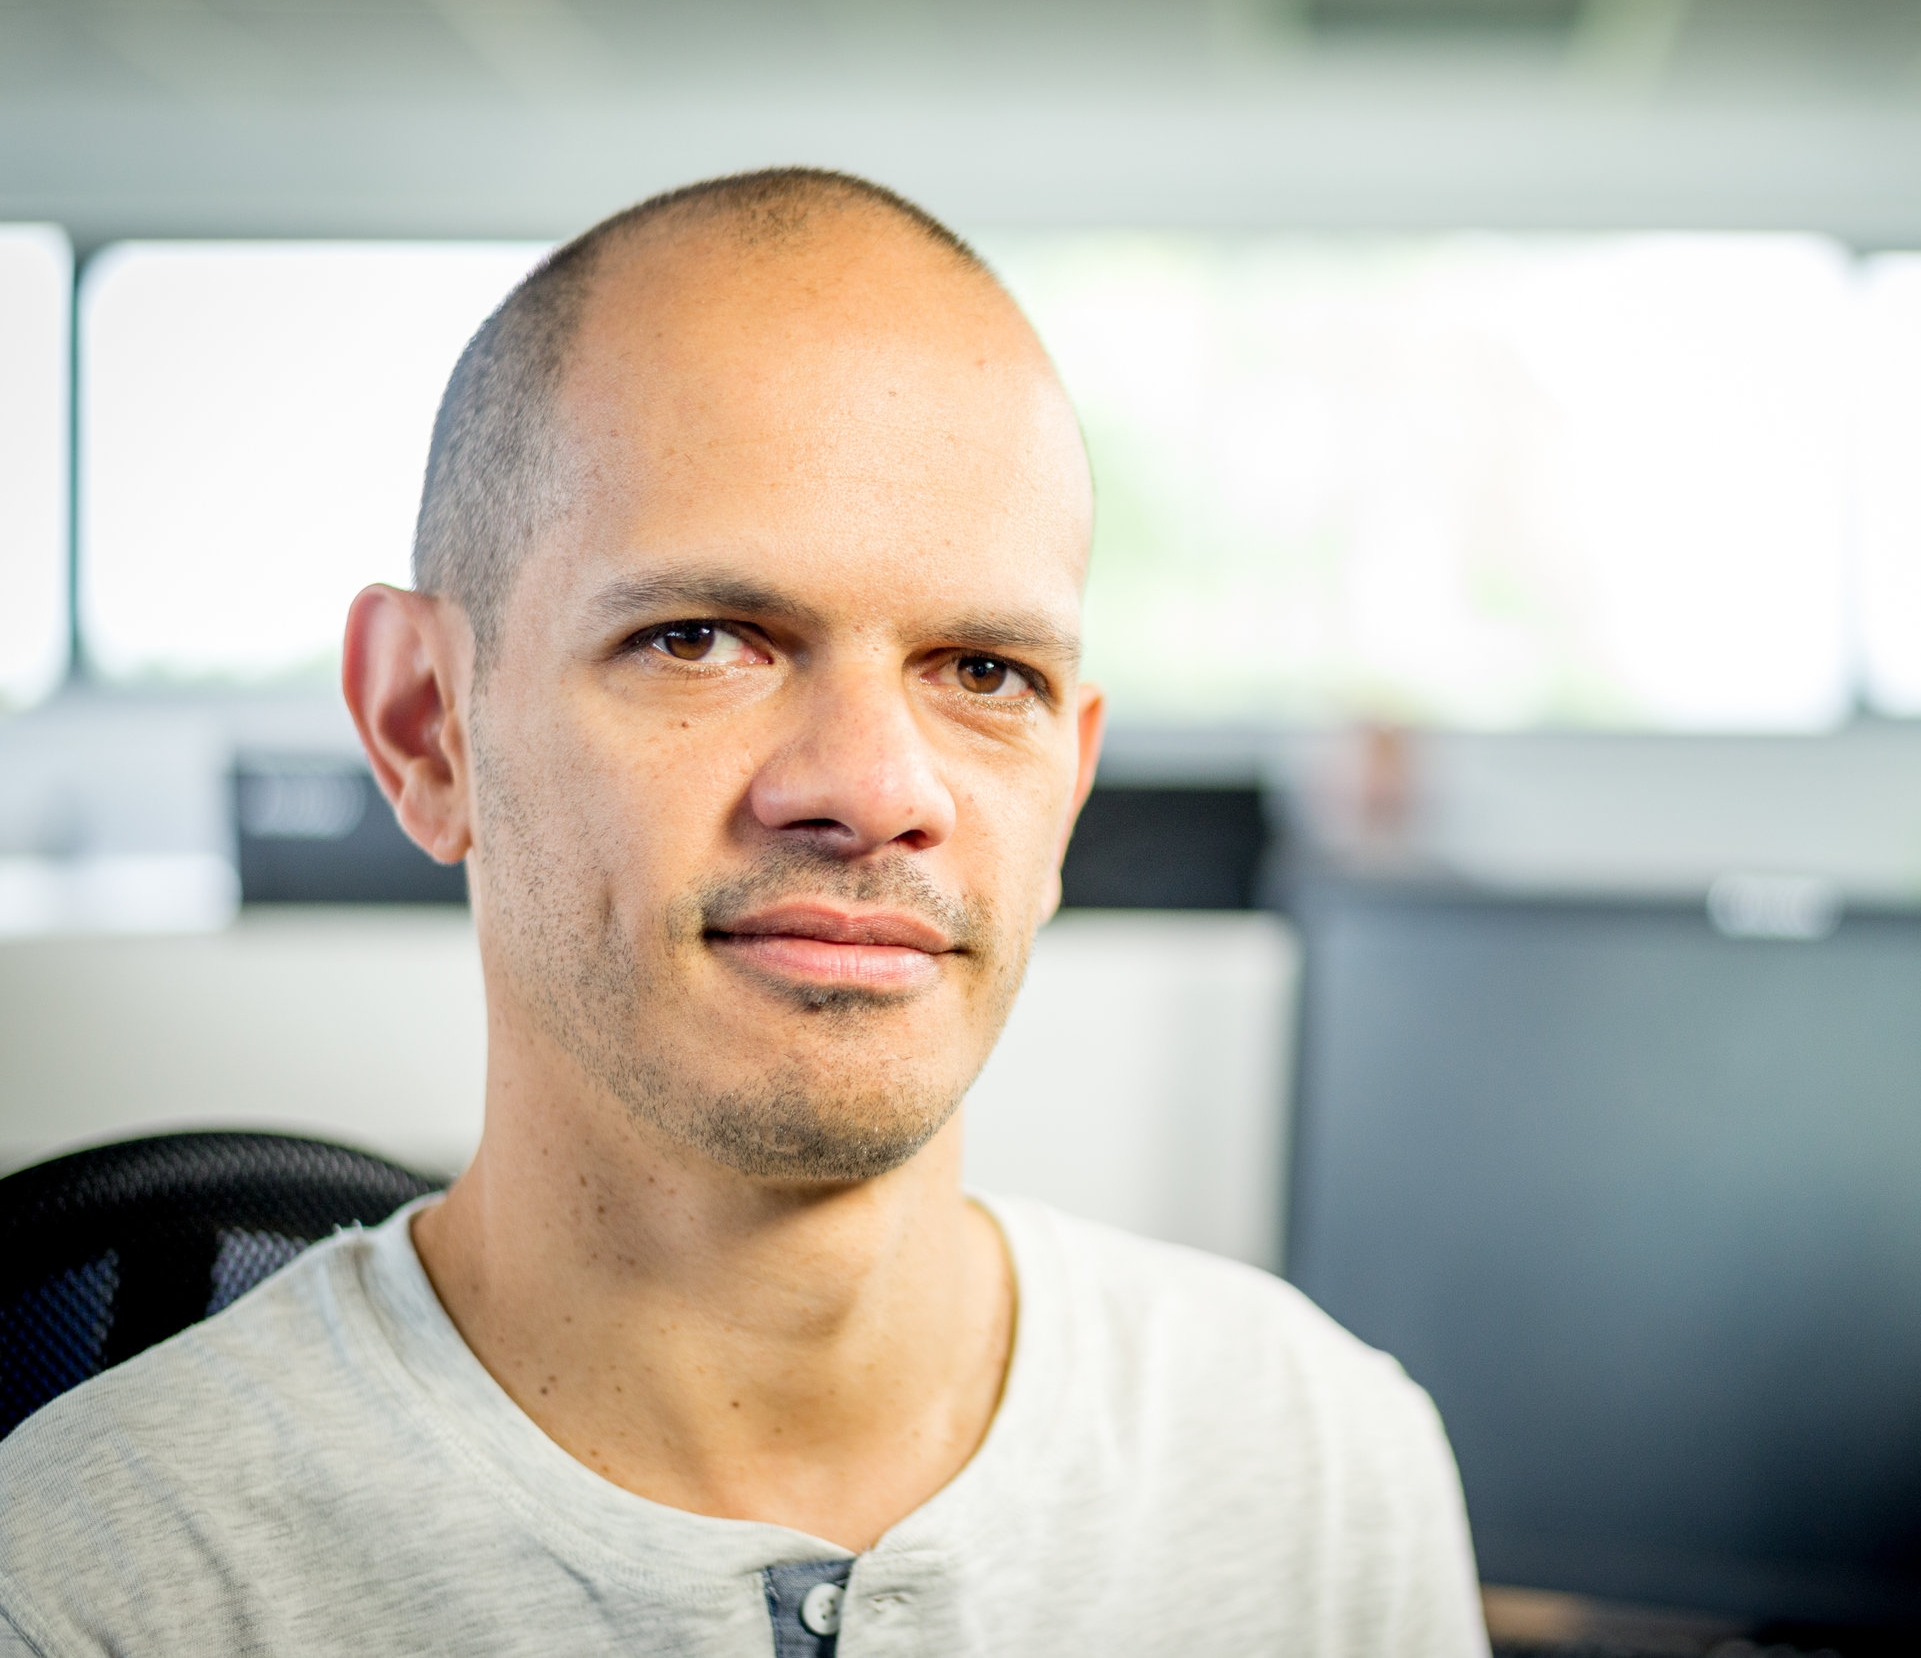 Christophe Maillot   Christophe, co-fondateur de Ki-Lab, est responsable de l'architecture système.  Il développe l'infrastructure des serveurs et les composants techniques qui assurent sécurité et performance de la plateforme. Il est aussi l'architecte de l'application Android.